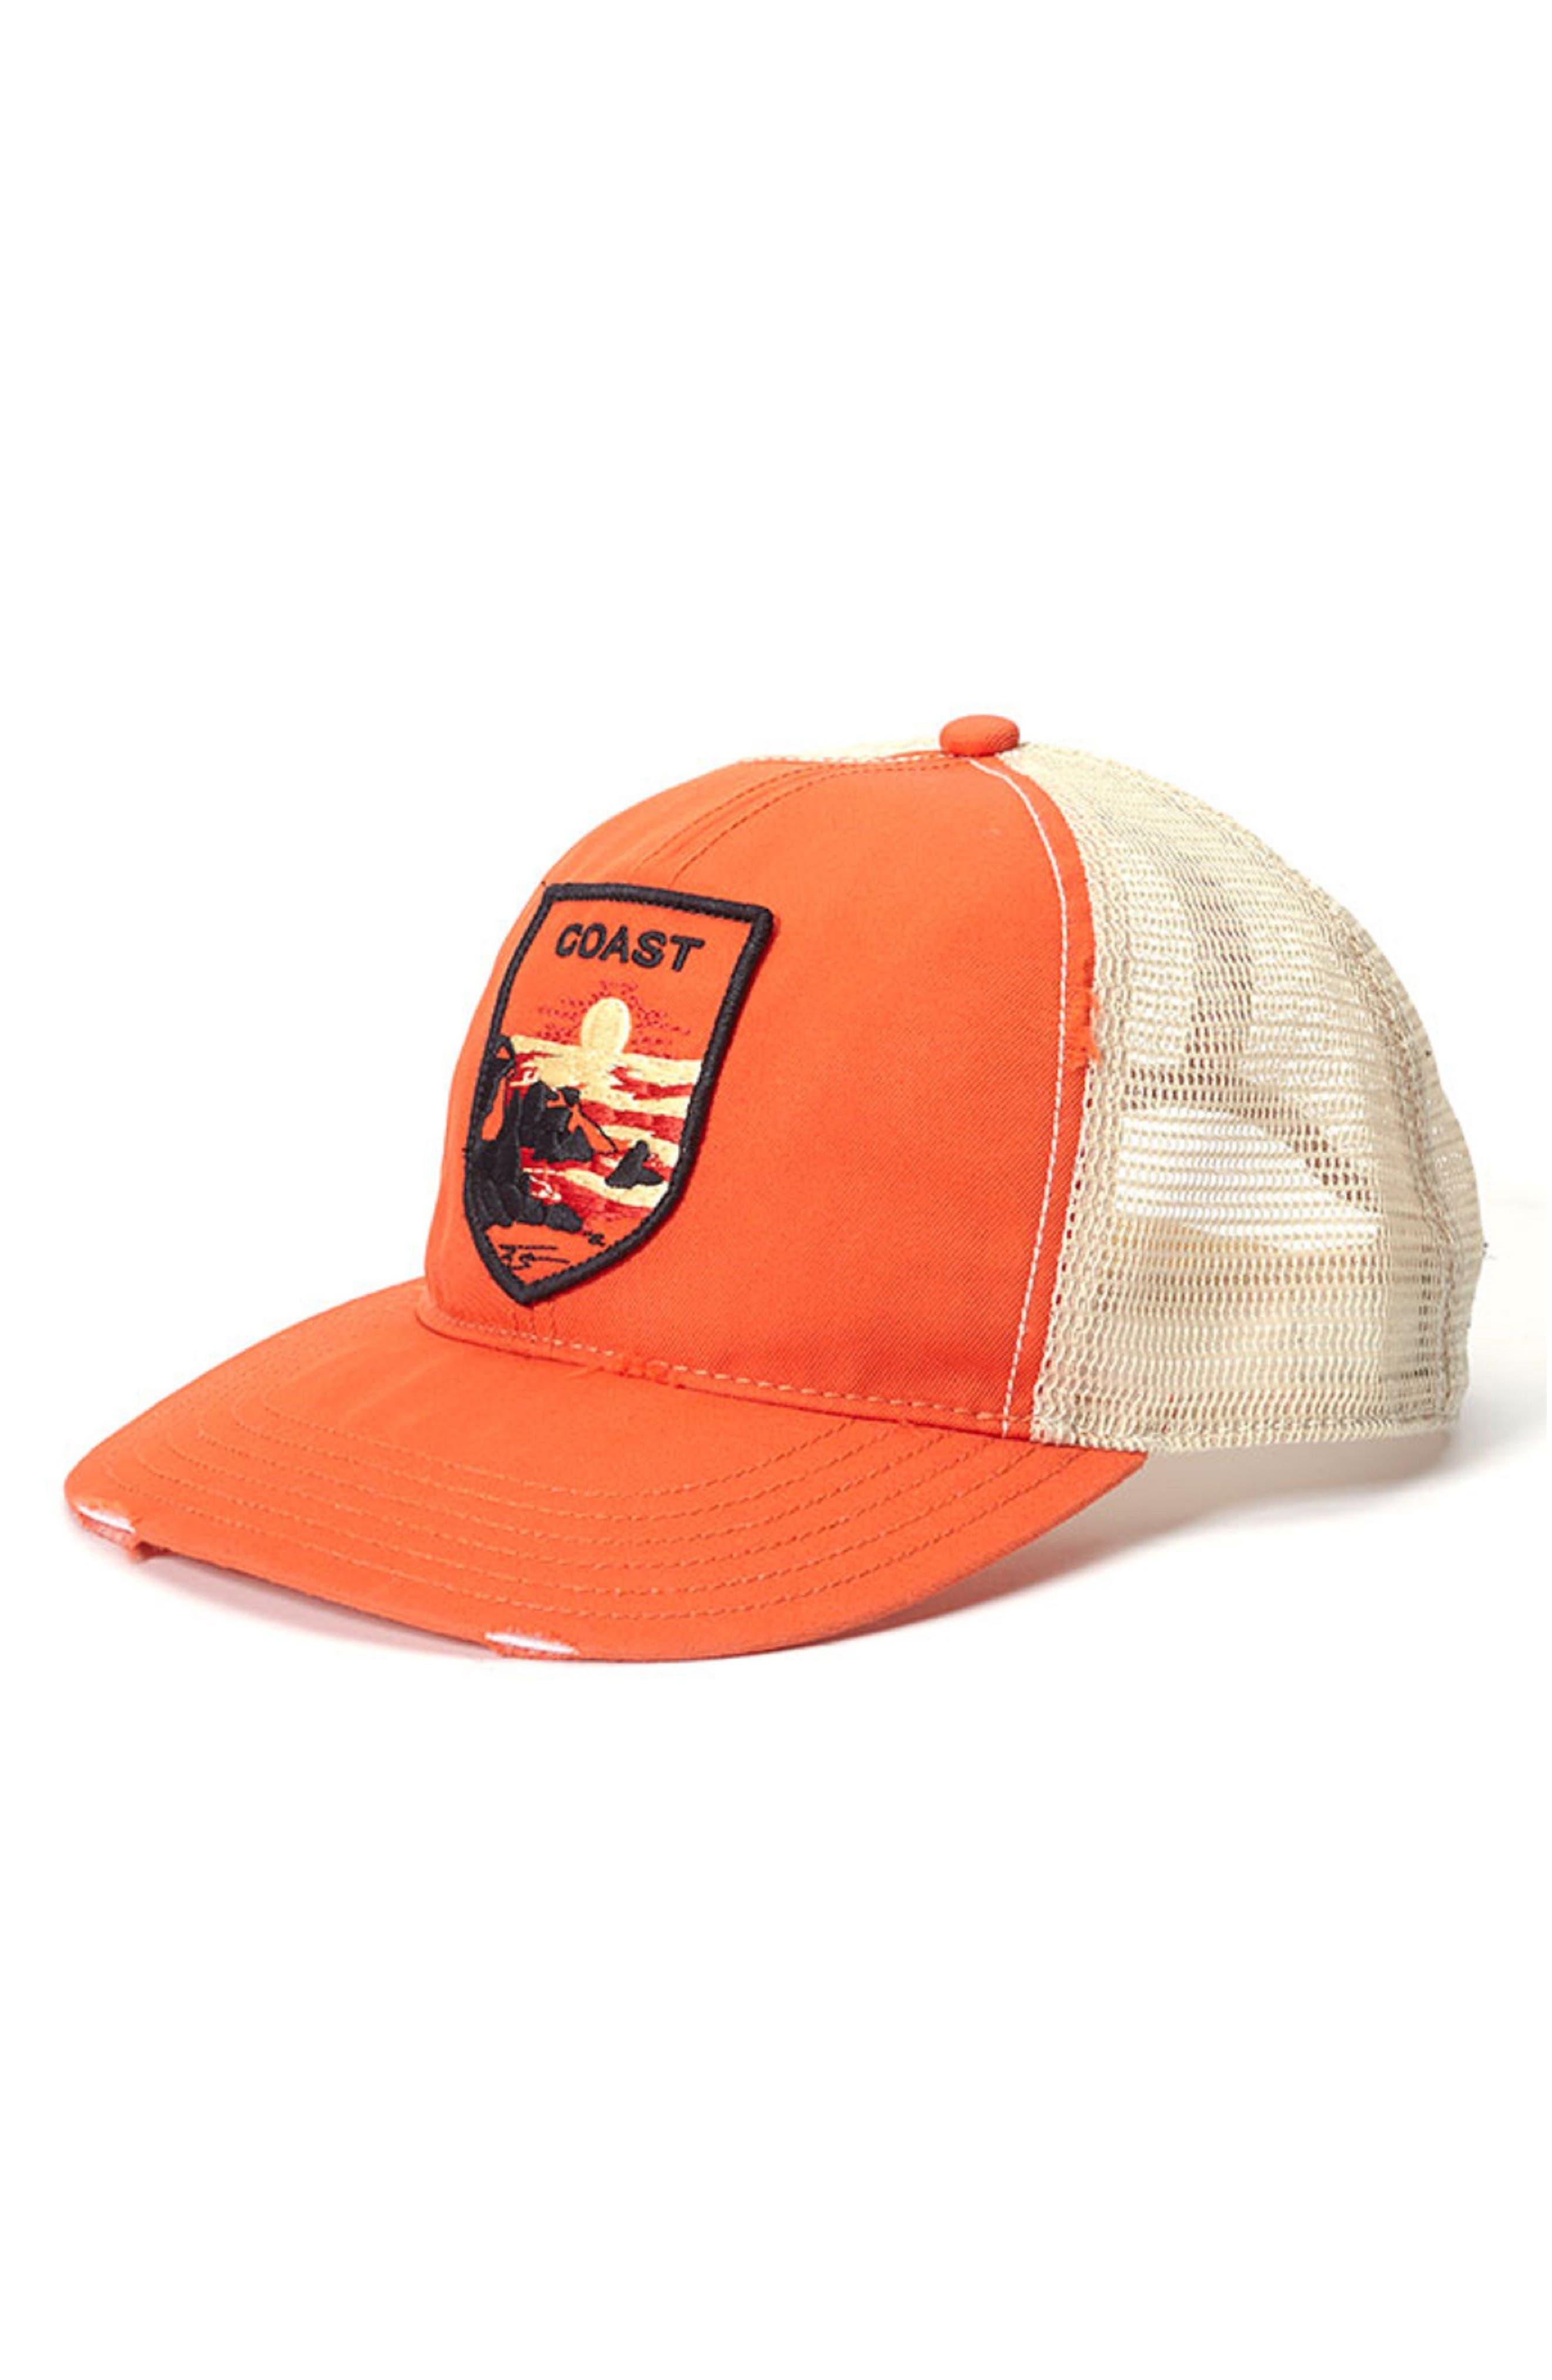 Coast Out Trucker Hat,                             Main thumbnail 1, color,                             Orange